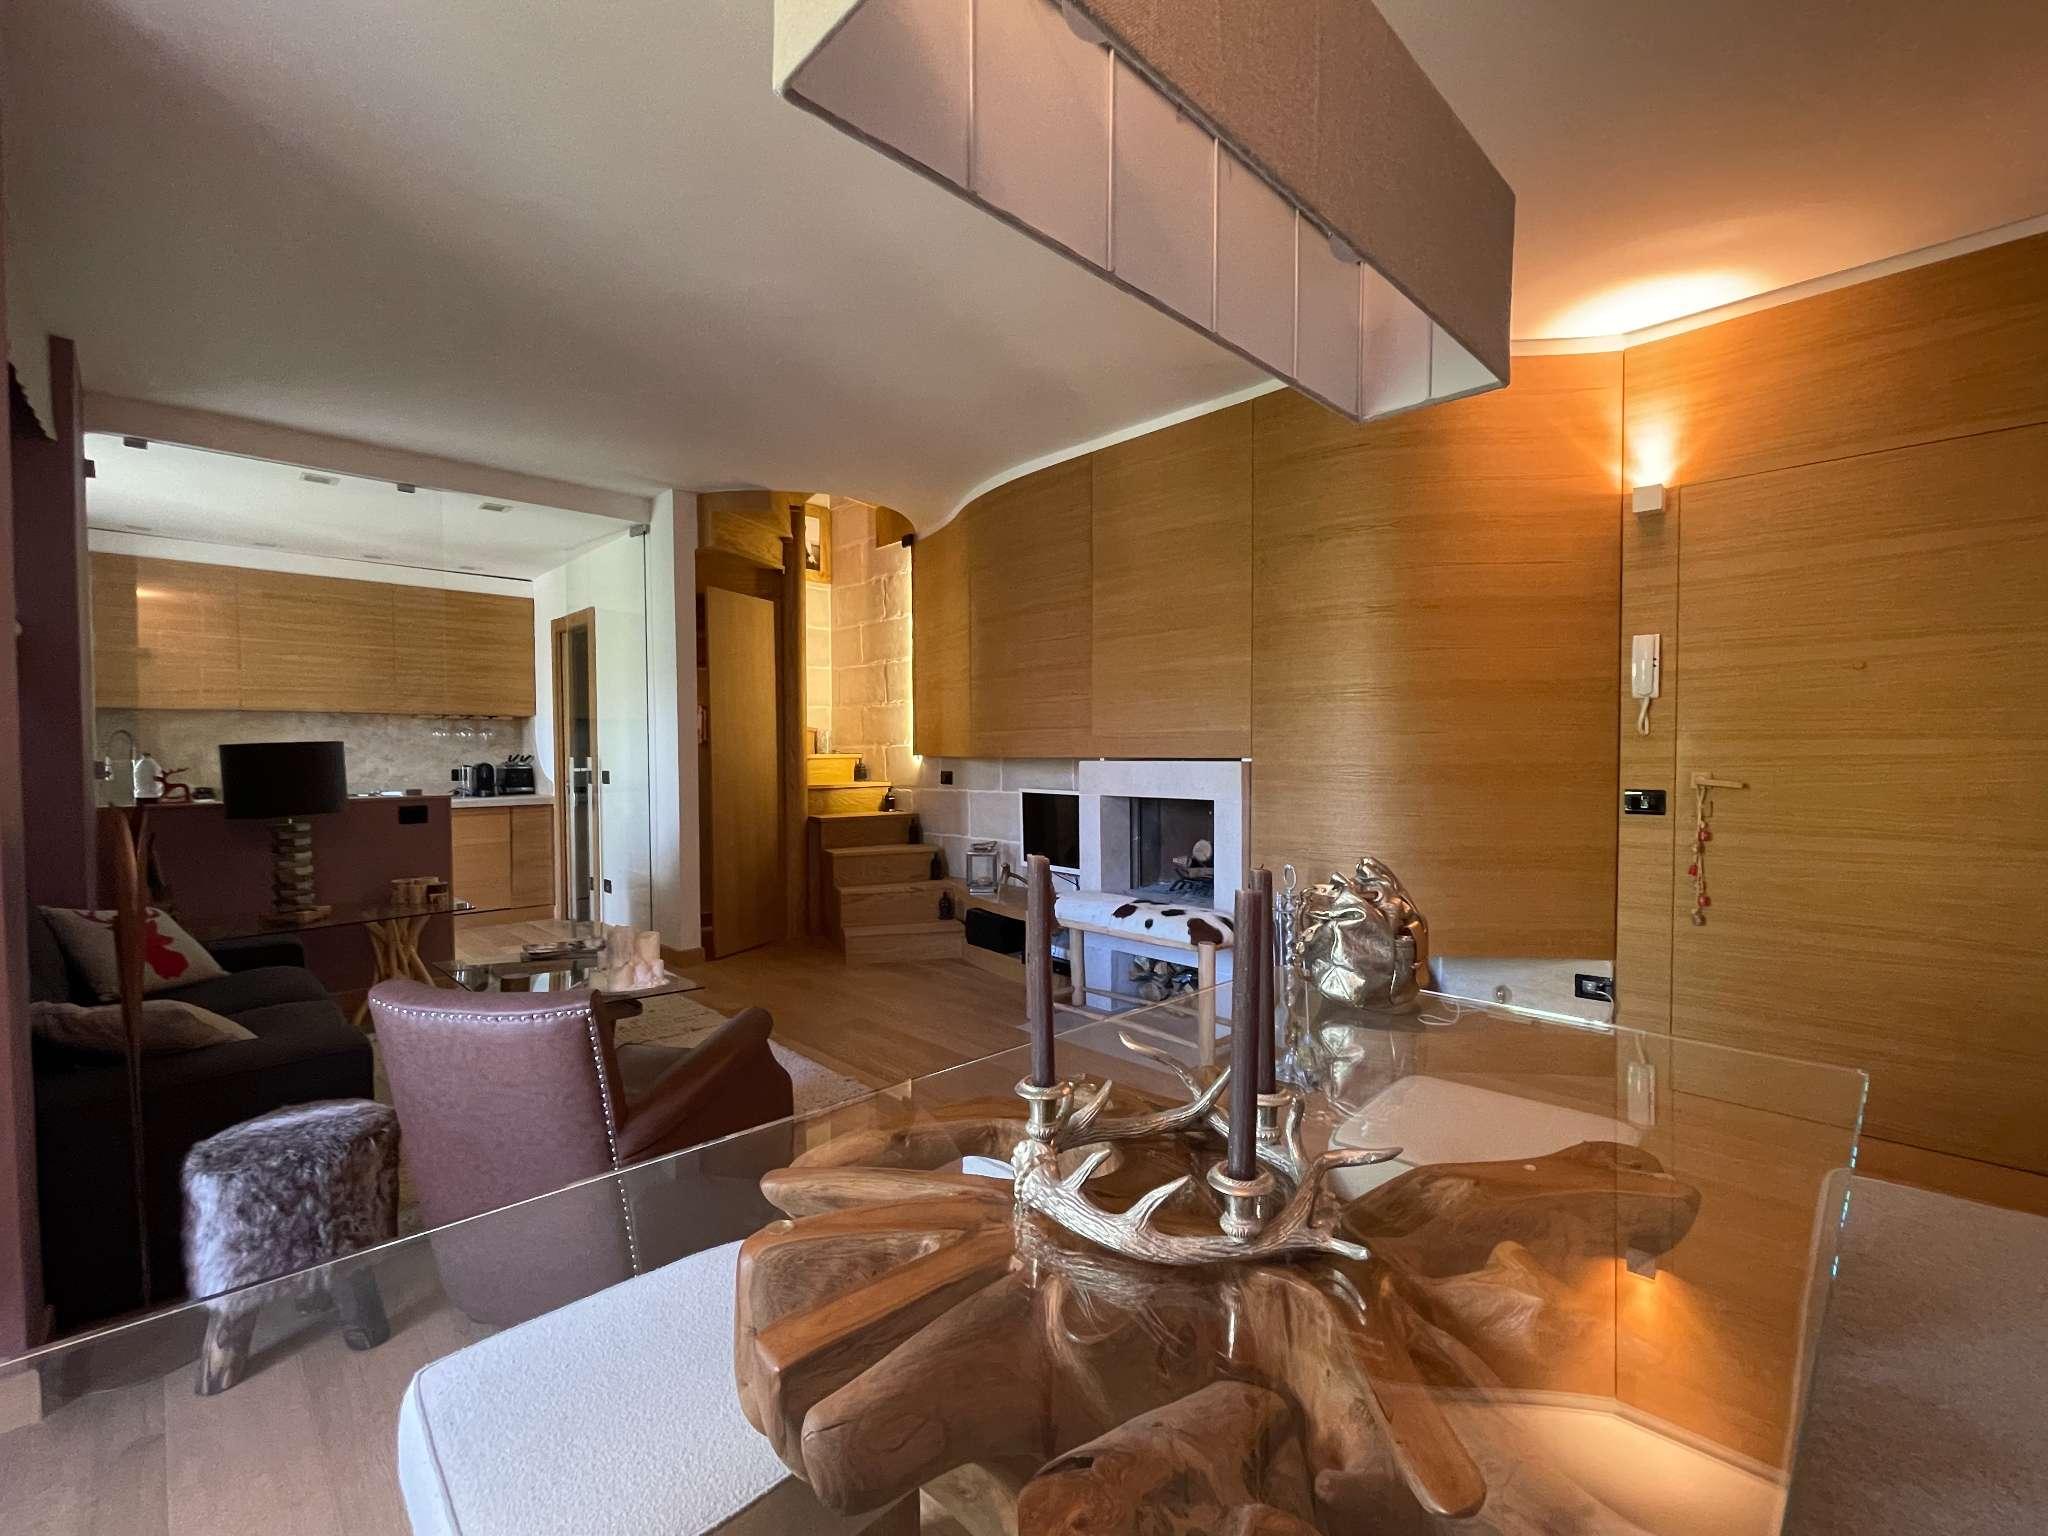 Appartamento in vendita a Roccaraso, 4 locali, prezzo € 370.000 | CambioCasa.it